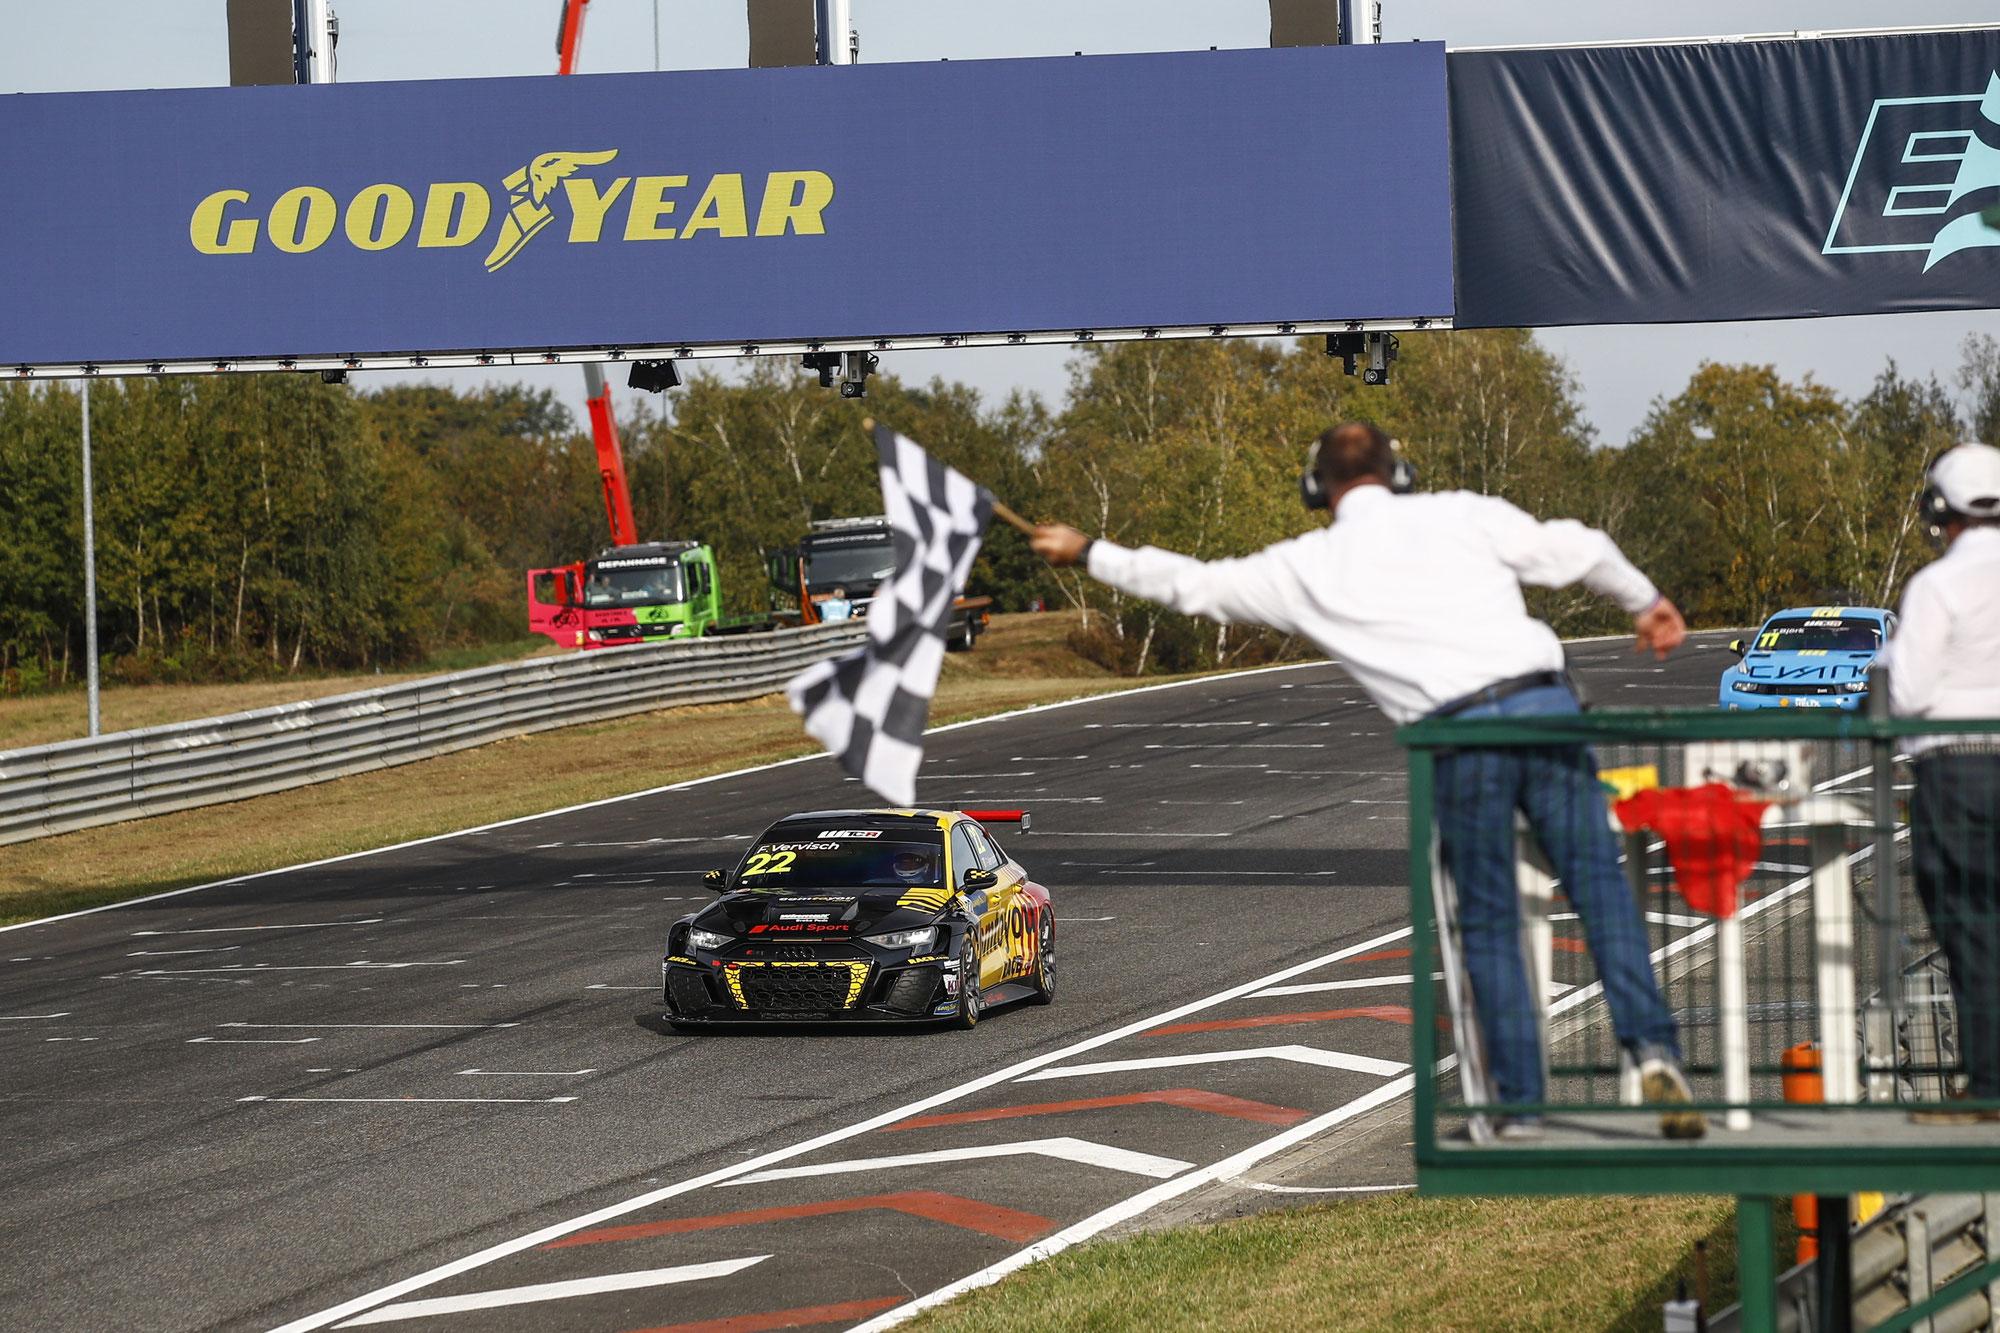 Dritter Saisonsieg für neuen Audi RS 3 LMS